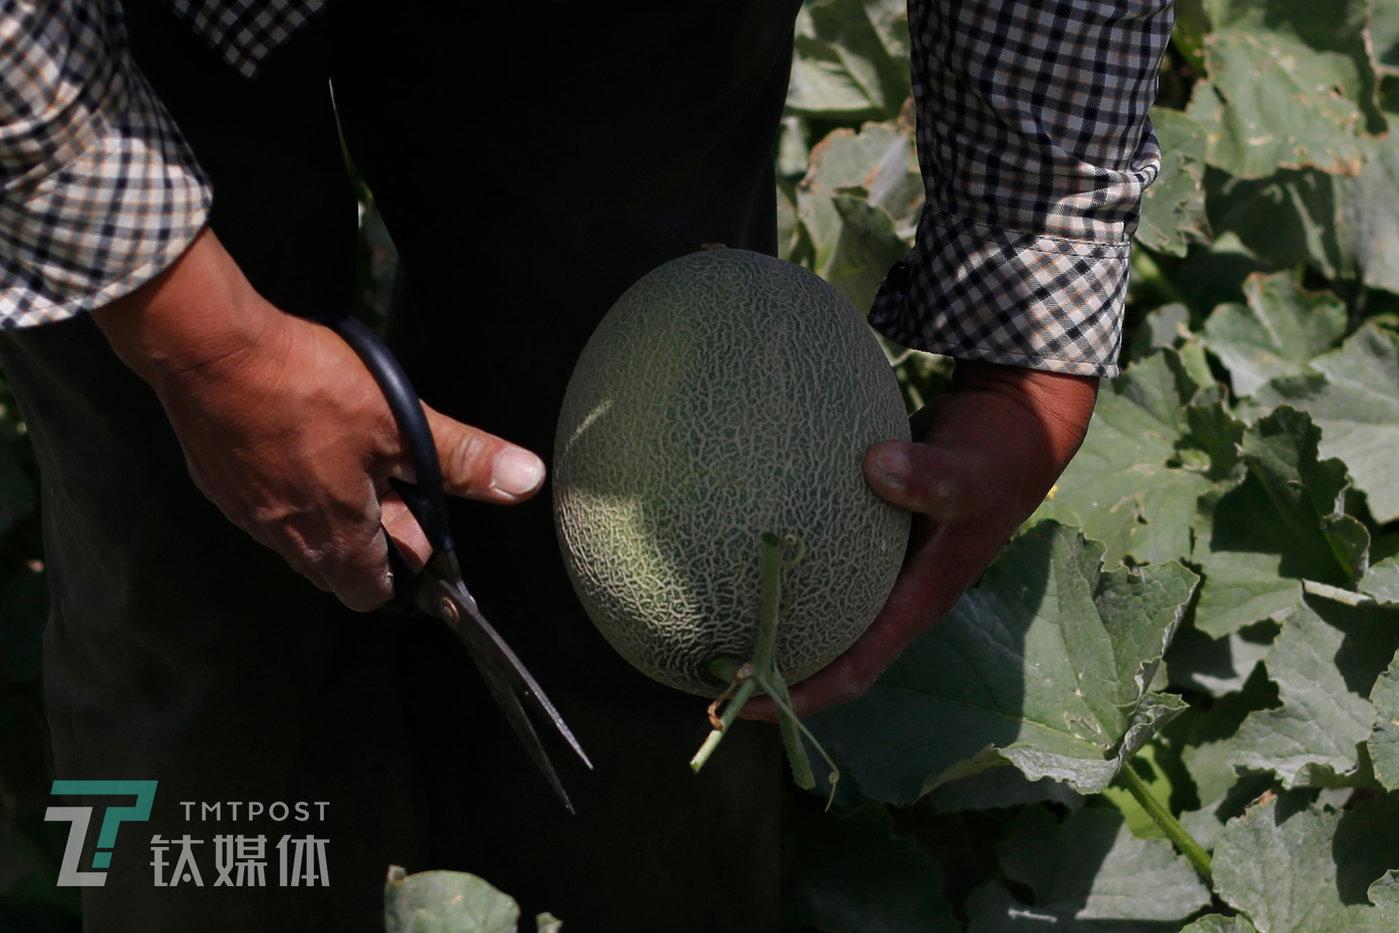 2019年8月18日,附智村,瓜农薛志明在摘收蜜瓜。